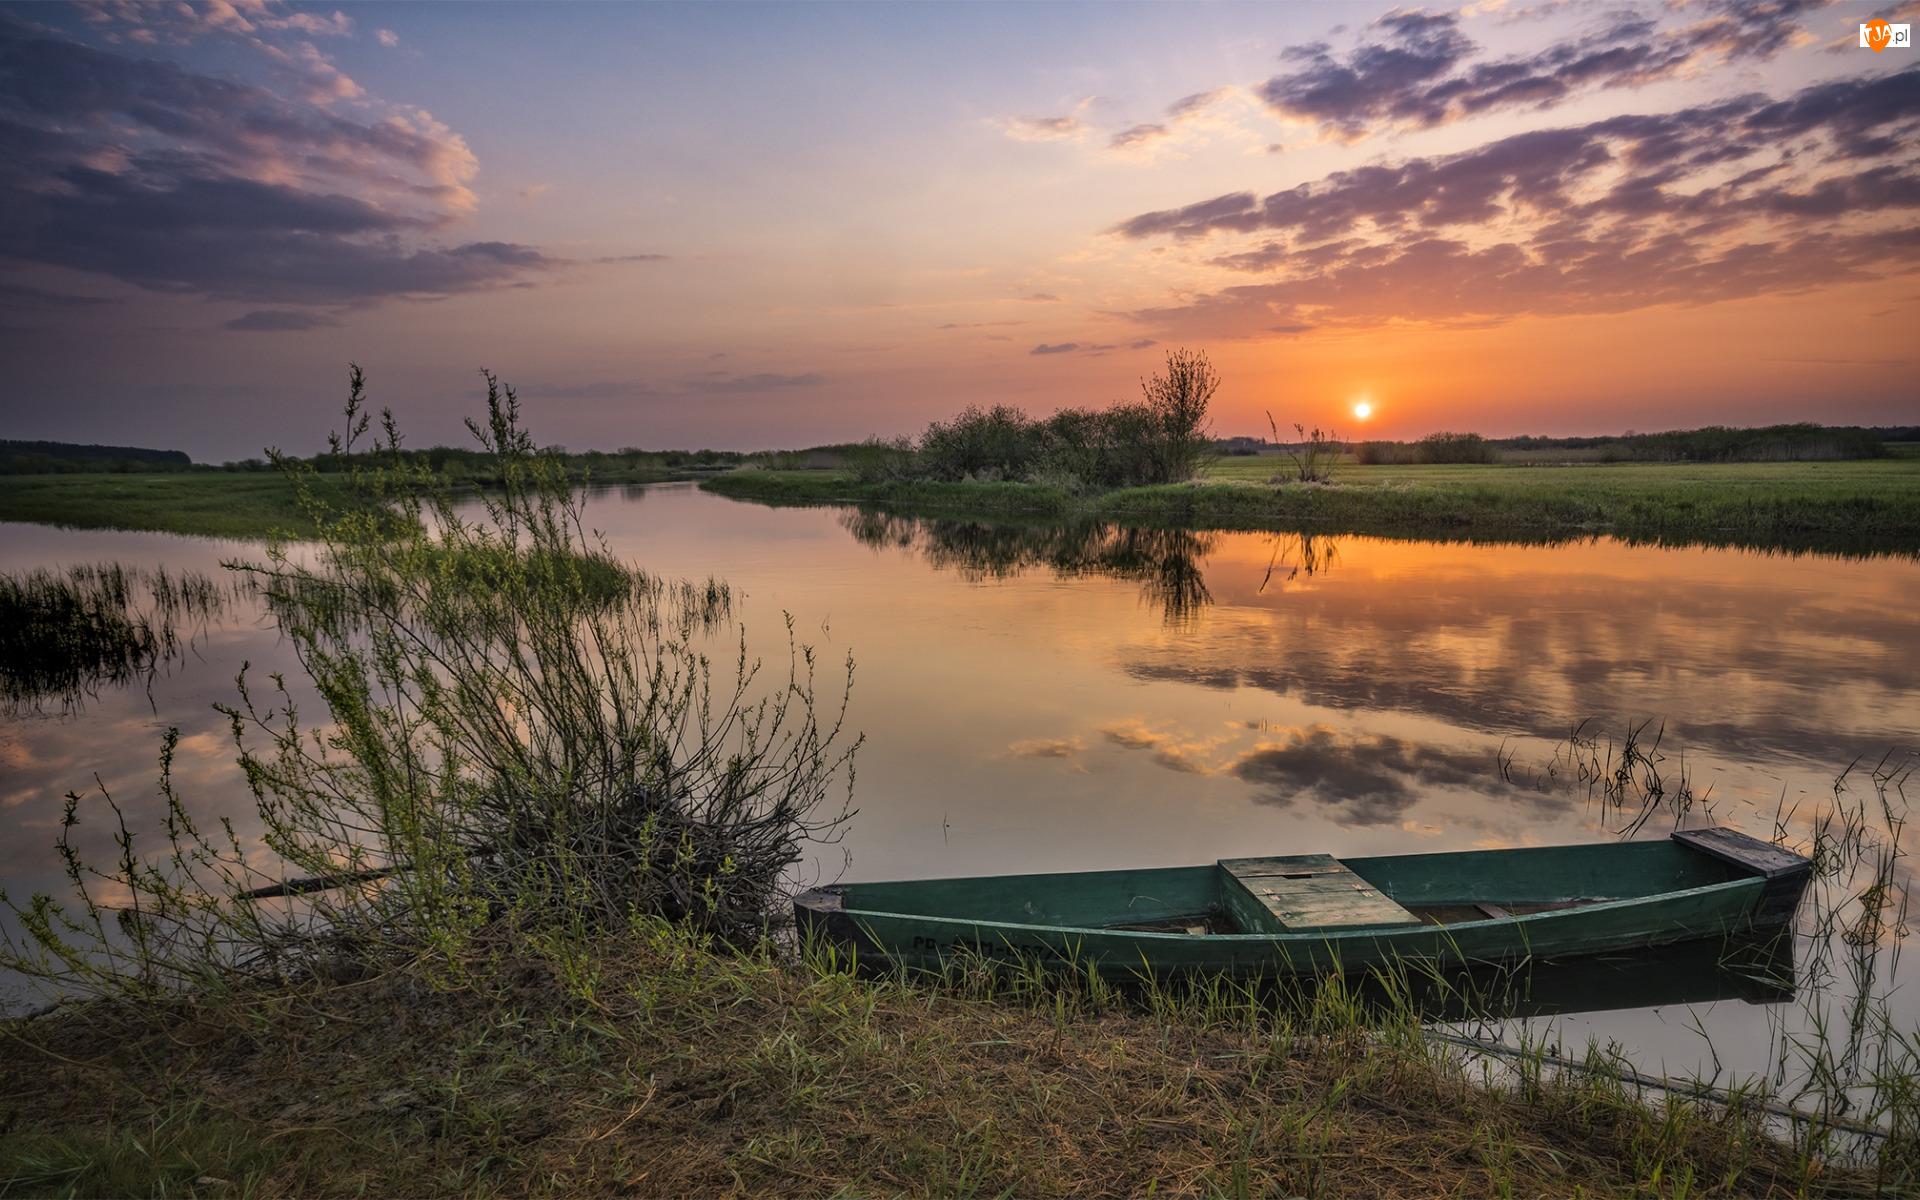 Łódka, Trawa, Rzeka, Wschód słońca, Drzewa